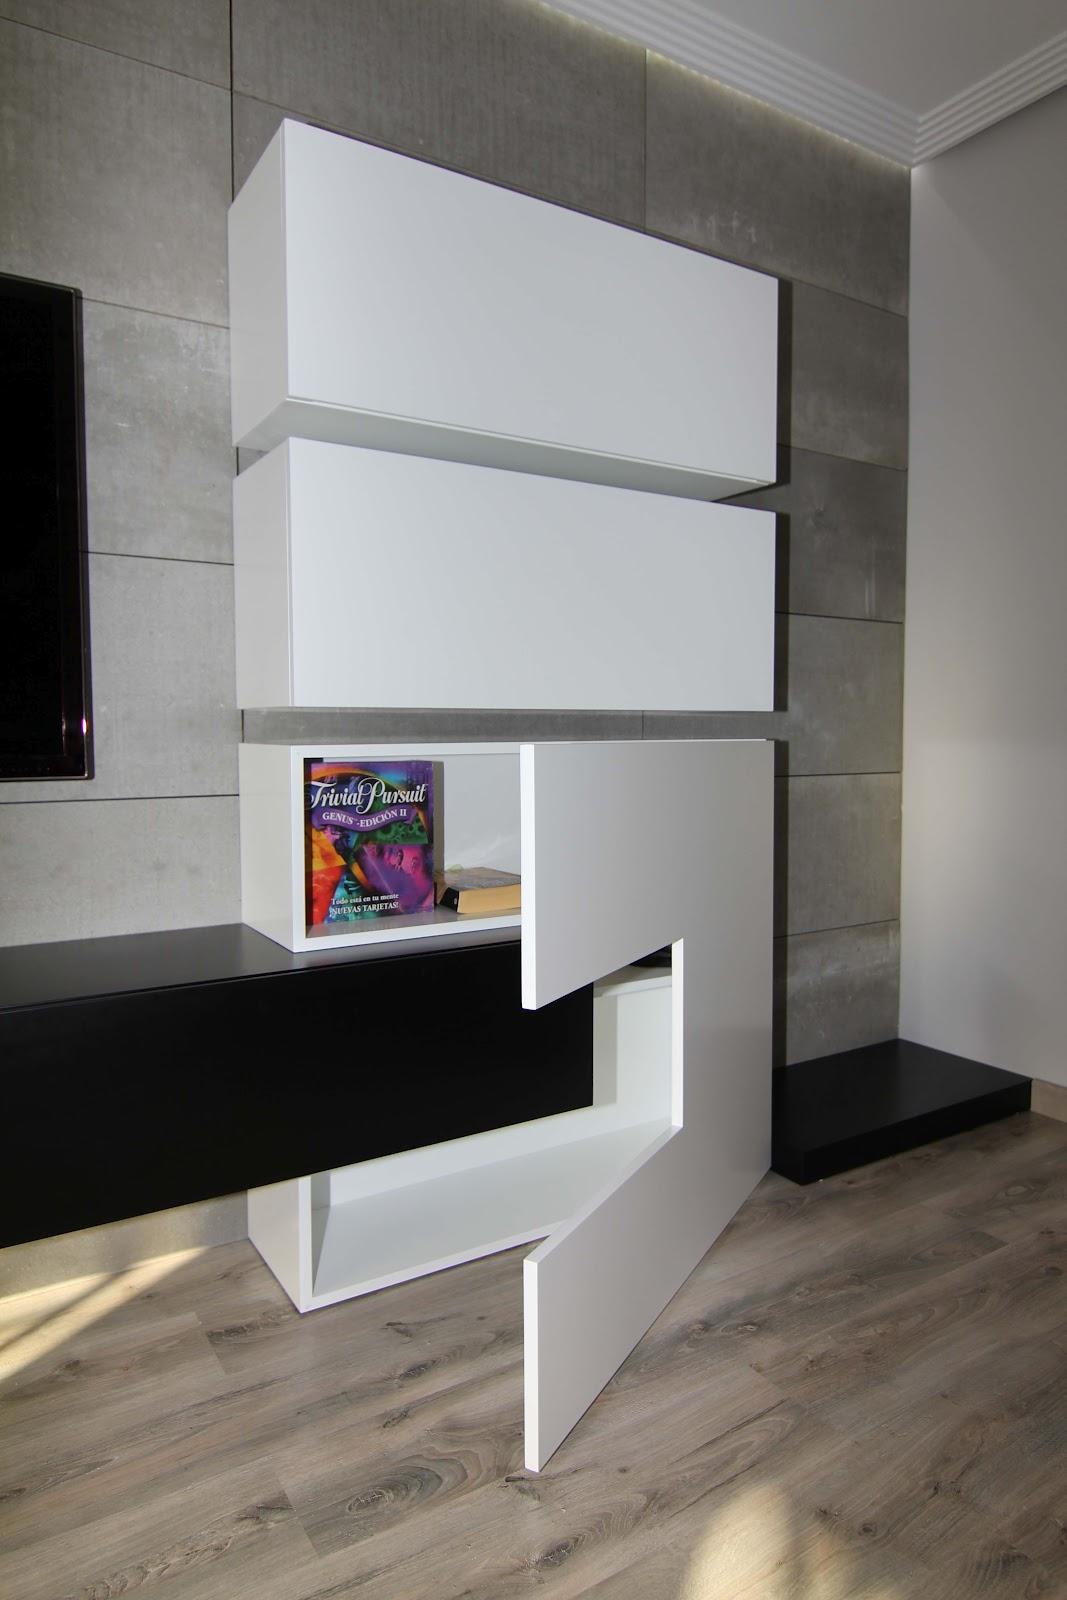 Proyecto Mueble Funcional Diseño De Mobiliario A Medida: Proyectos De Carpintería En Valencia -Salón Comedor A Medida